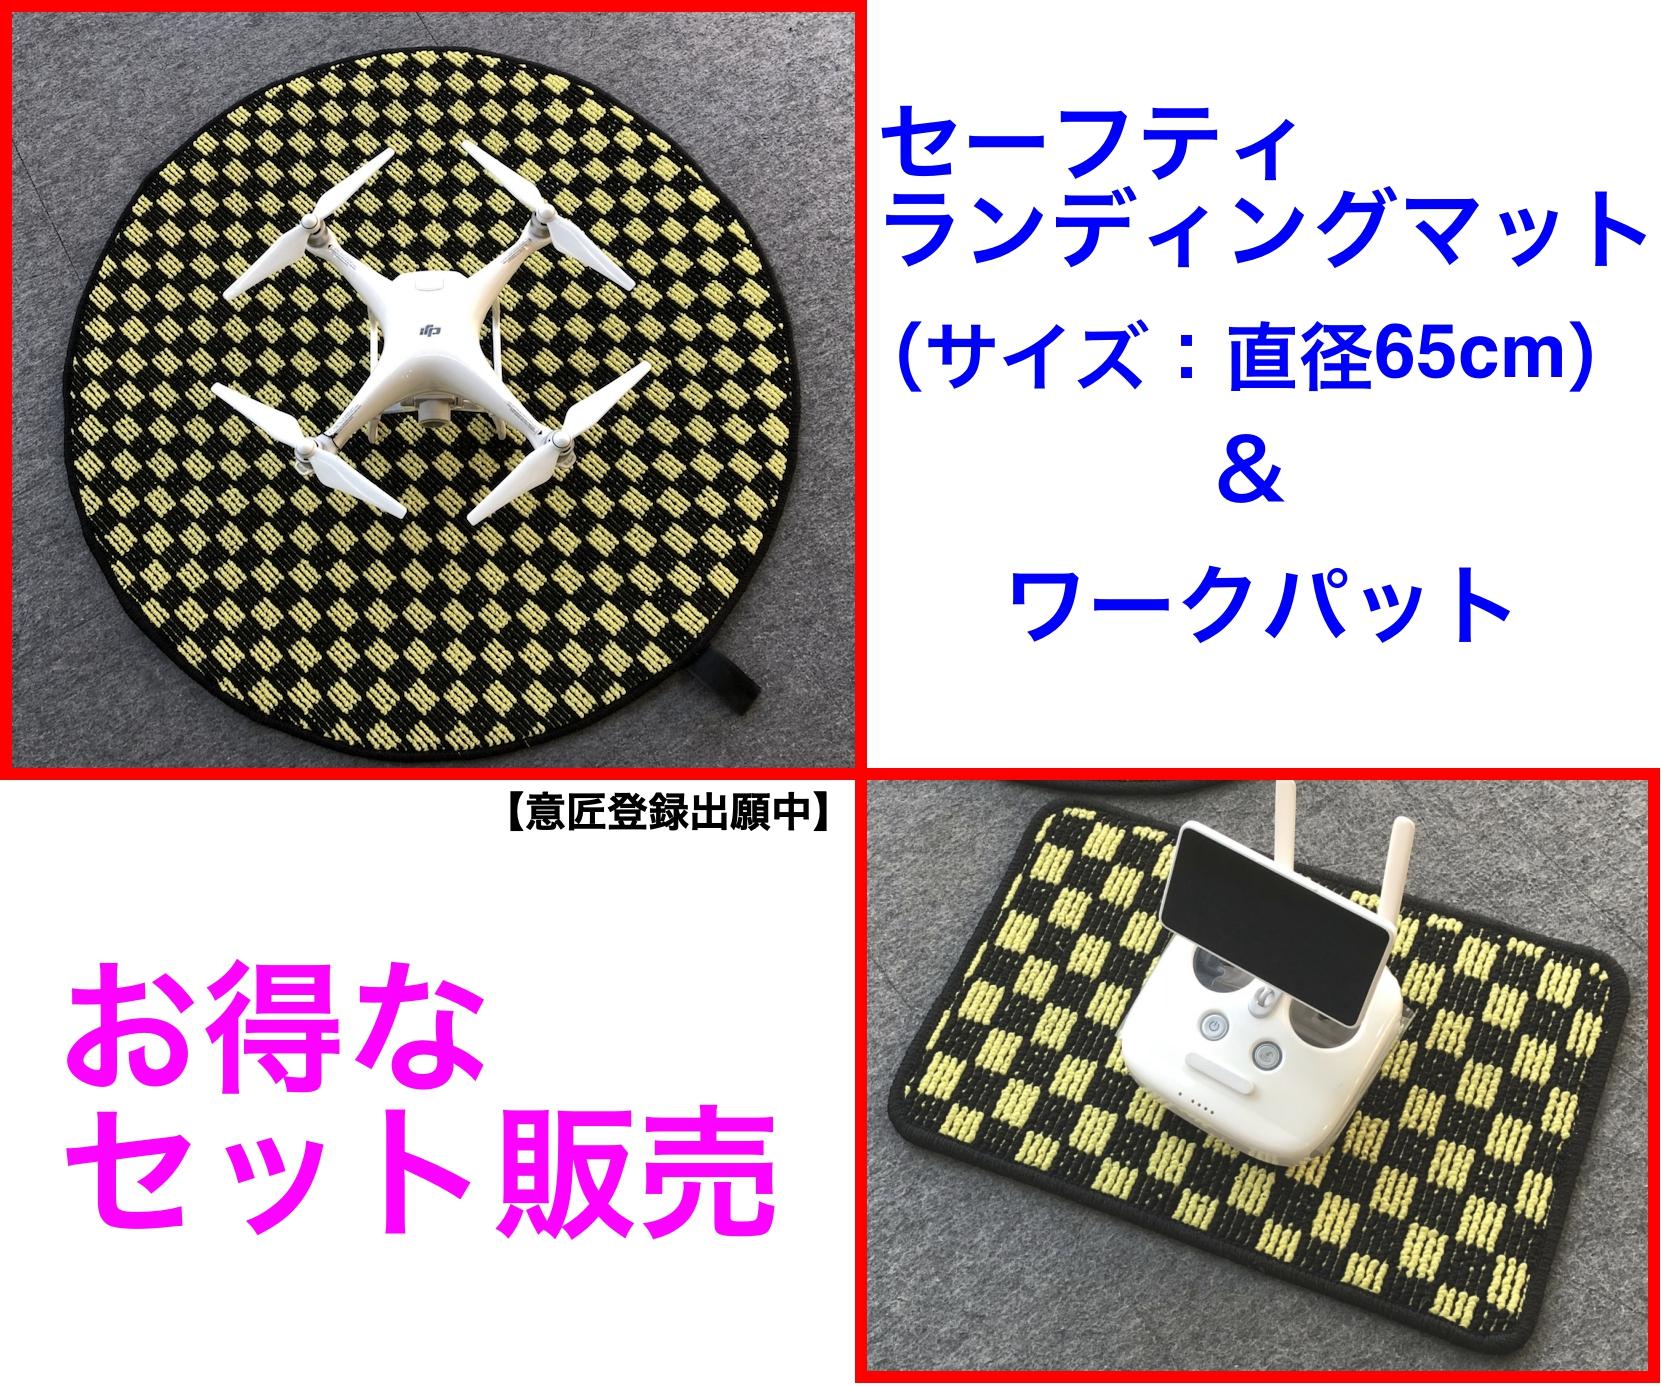 【お得セット】ドローン用ワークパット&直径:65cmセーフティマット セット※3色から選べます。